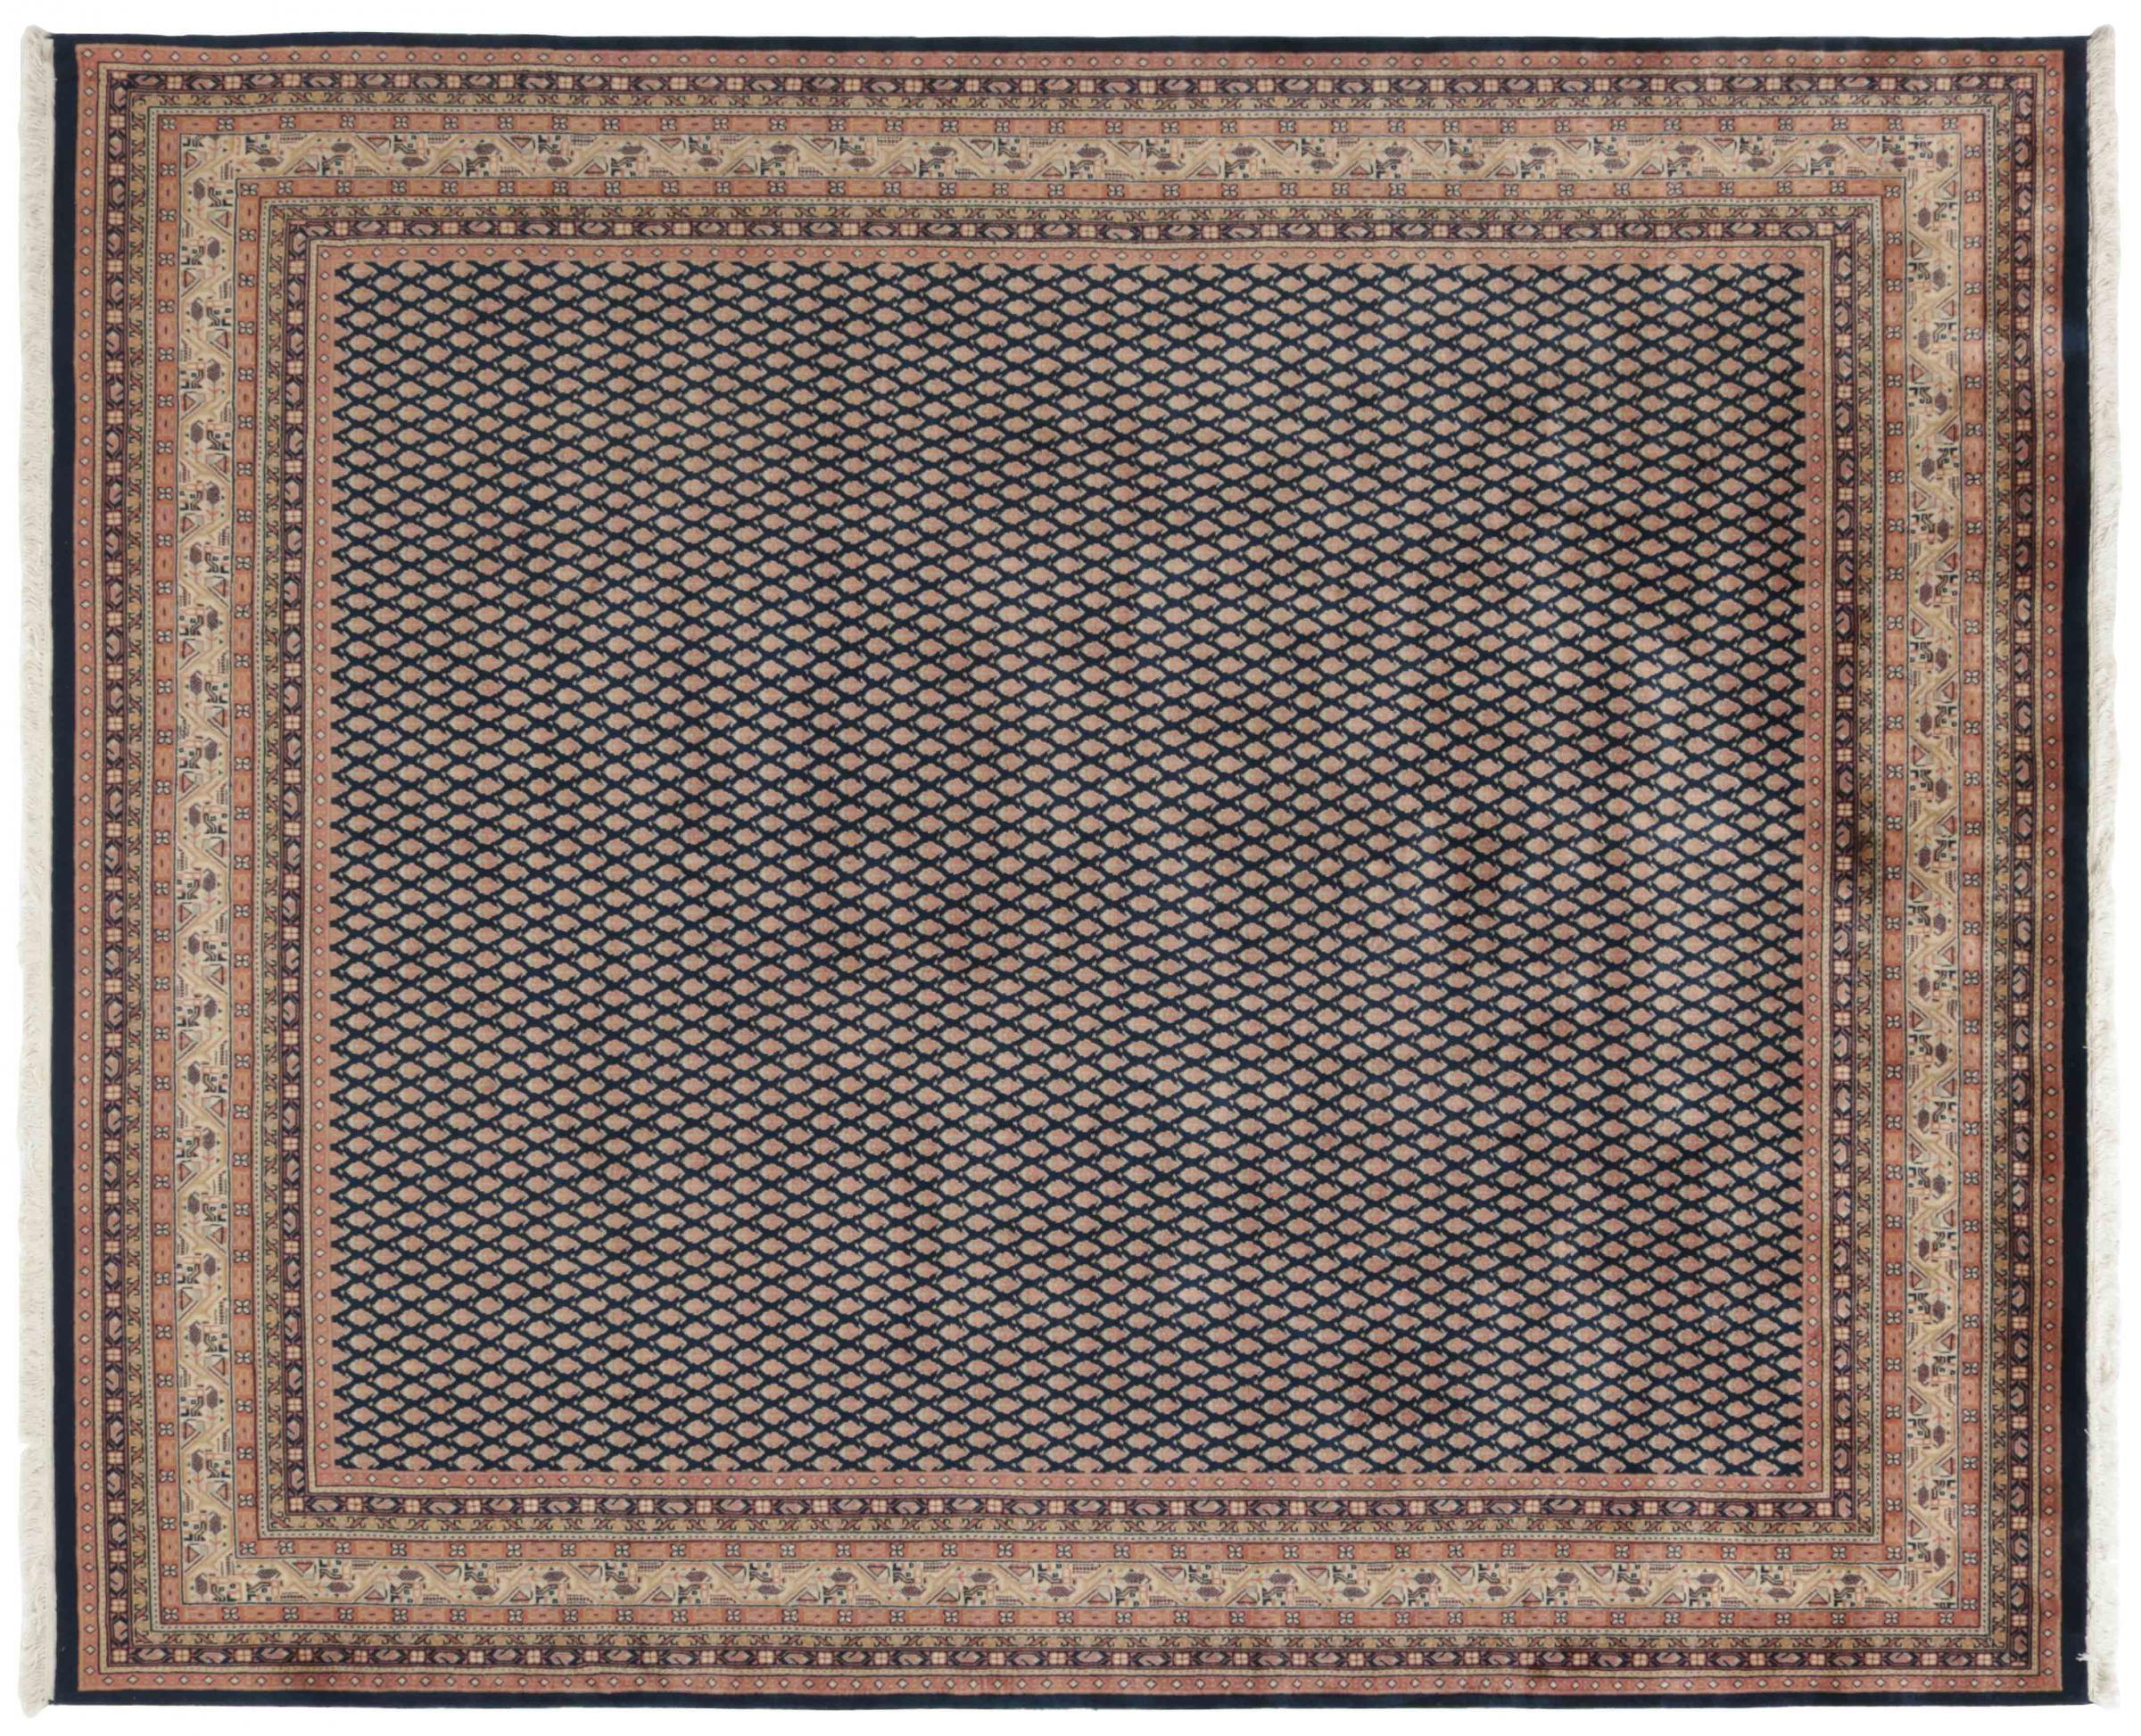 indo mir indischer teppich 300x251 id32705 kaufen sie ihren orientteppich indo mir 300x250 bei. Black Bedroom Furniture Sets. Home Design Ideas